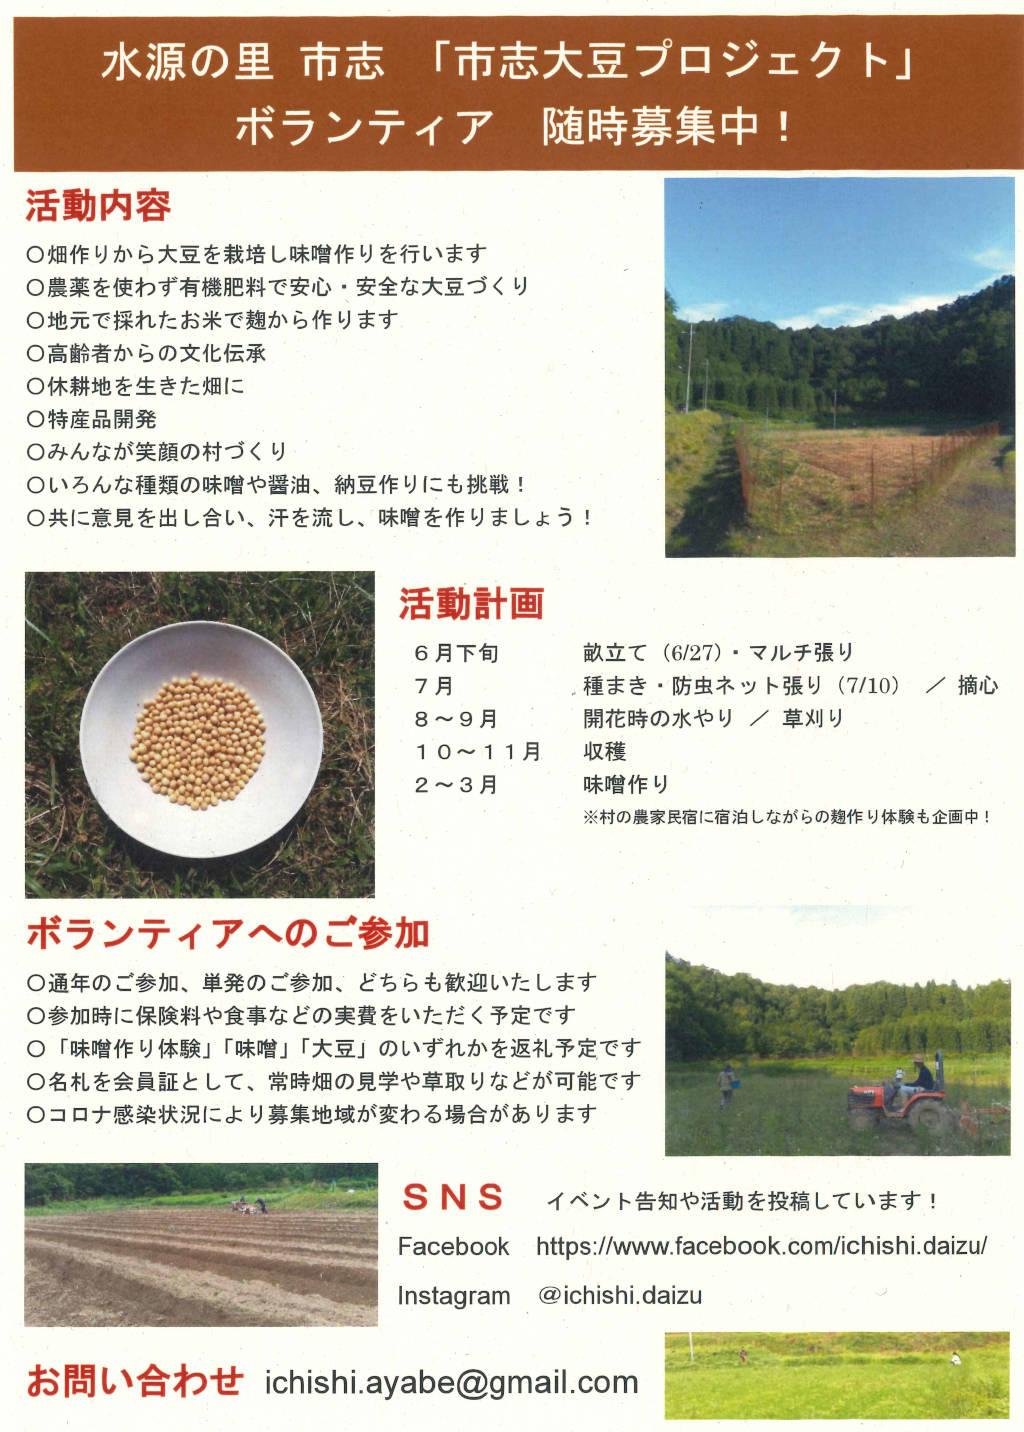 市志大豆プロジェクト